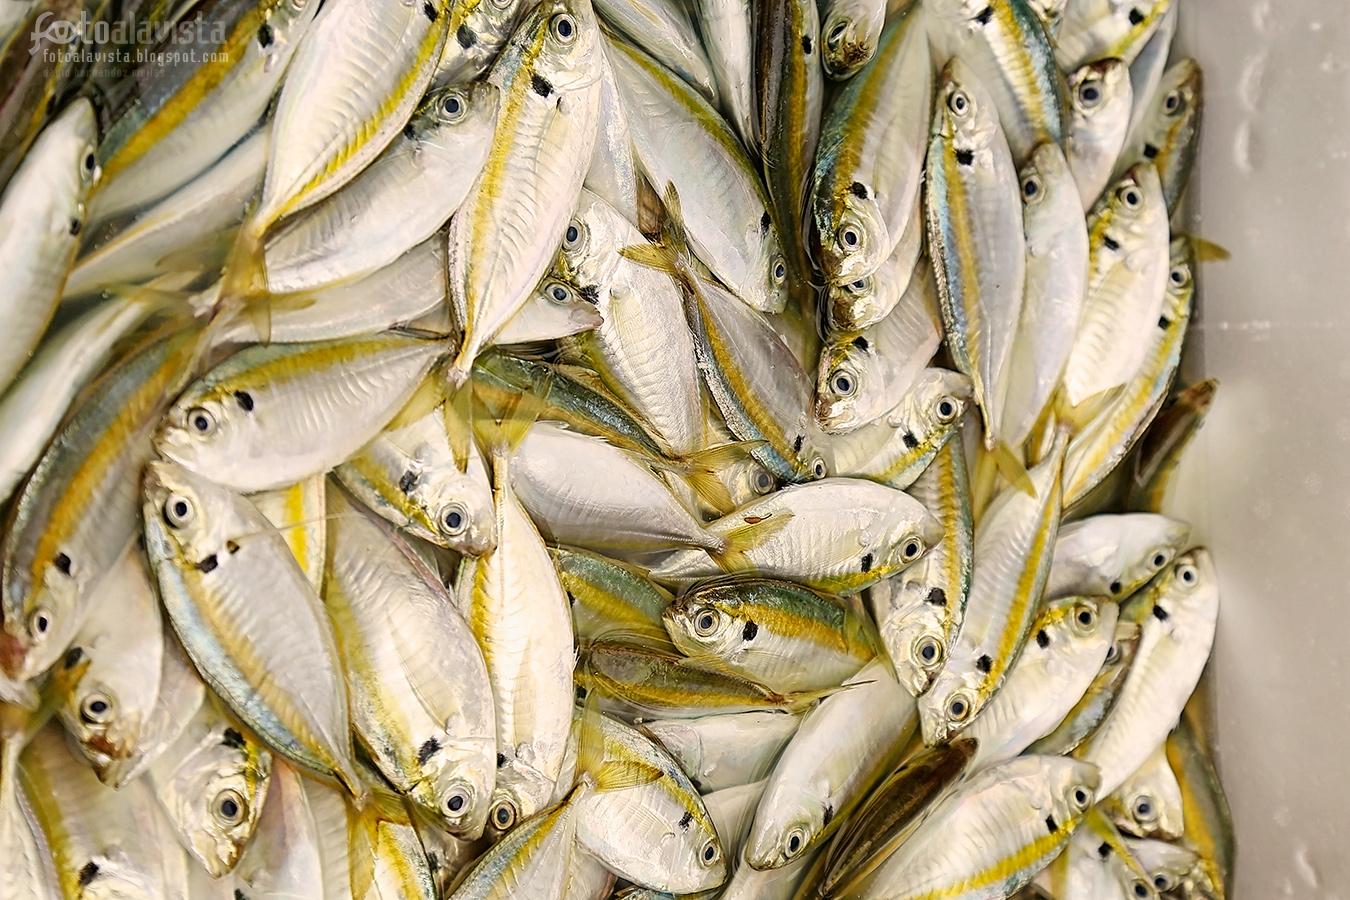 El milagro de los peces - Fotografía